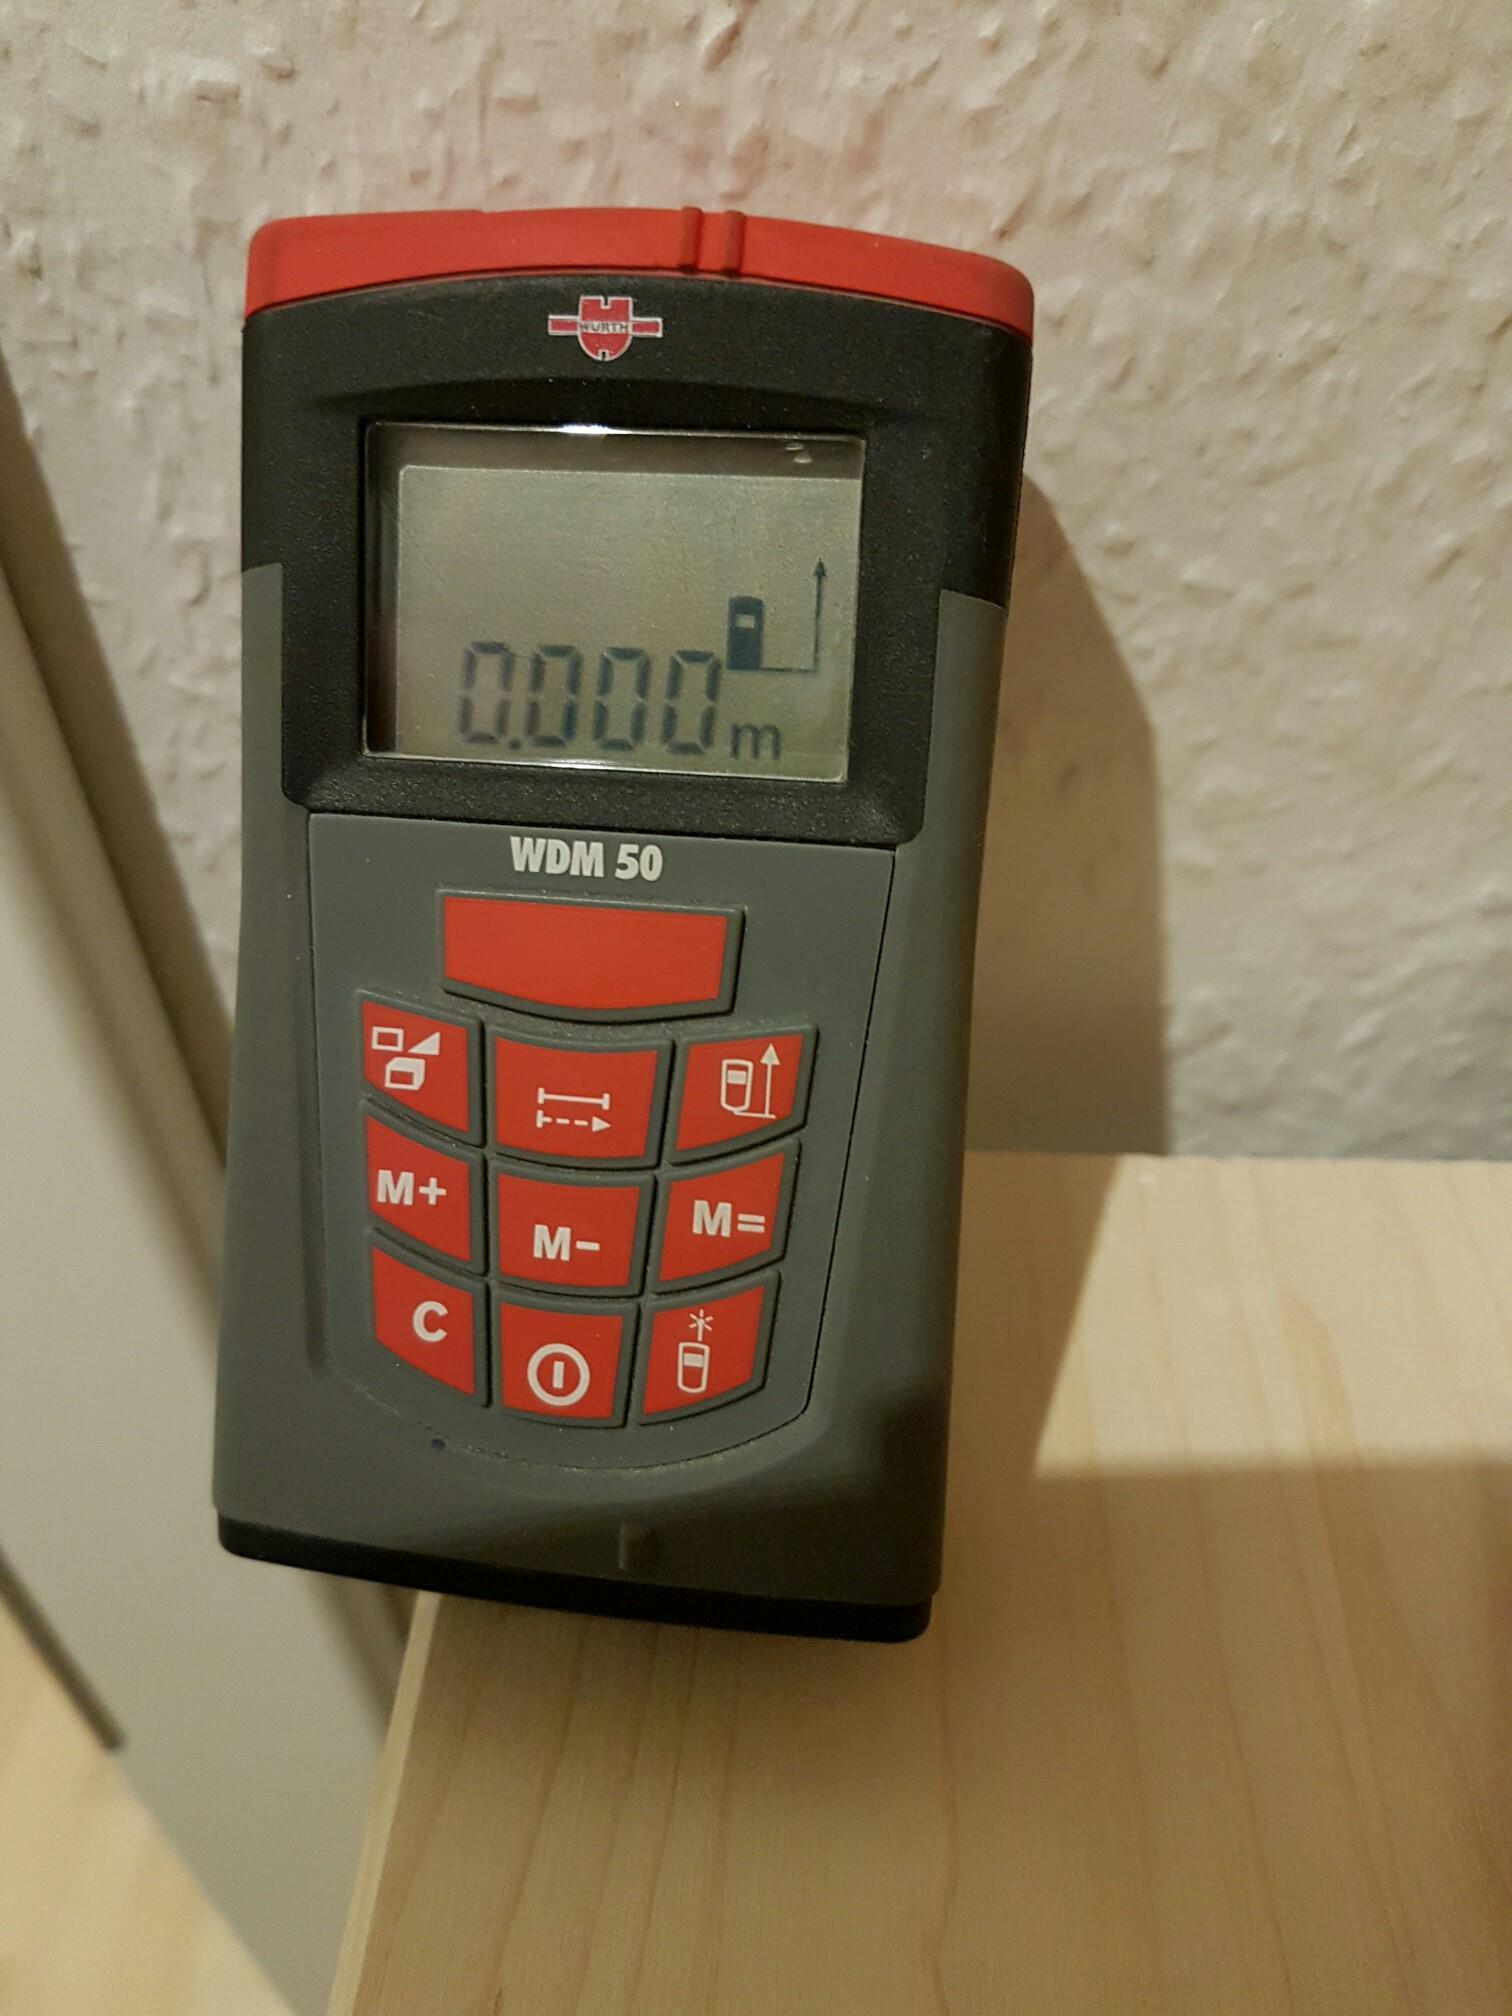 Laser Entfernungsmesser Würth : Gebraucht wÜrth laser wdm entfernungsmesser in potsdam um